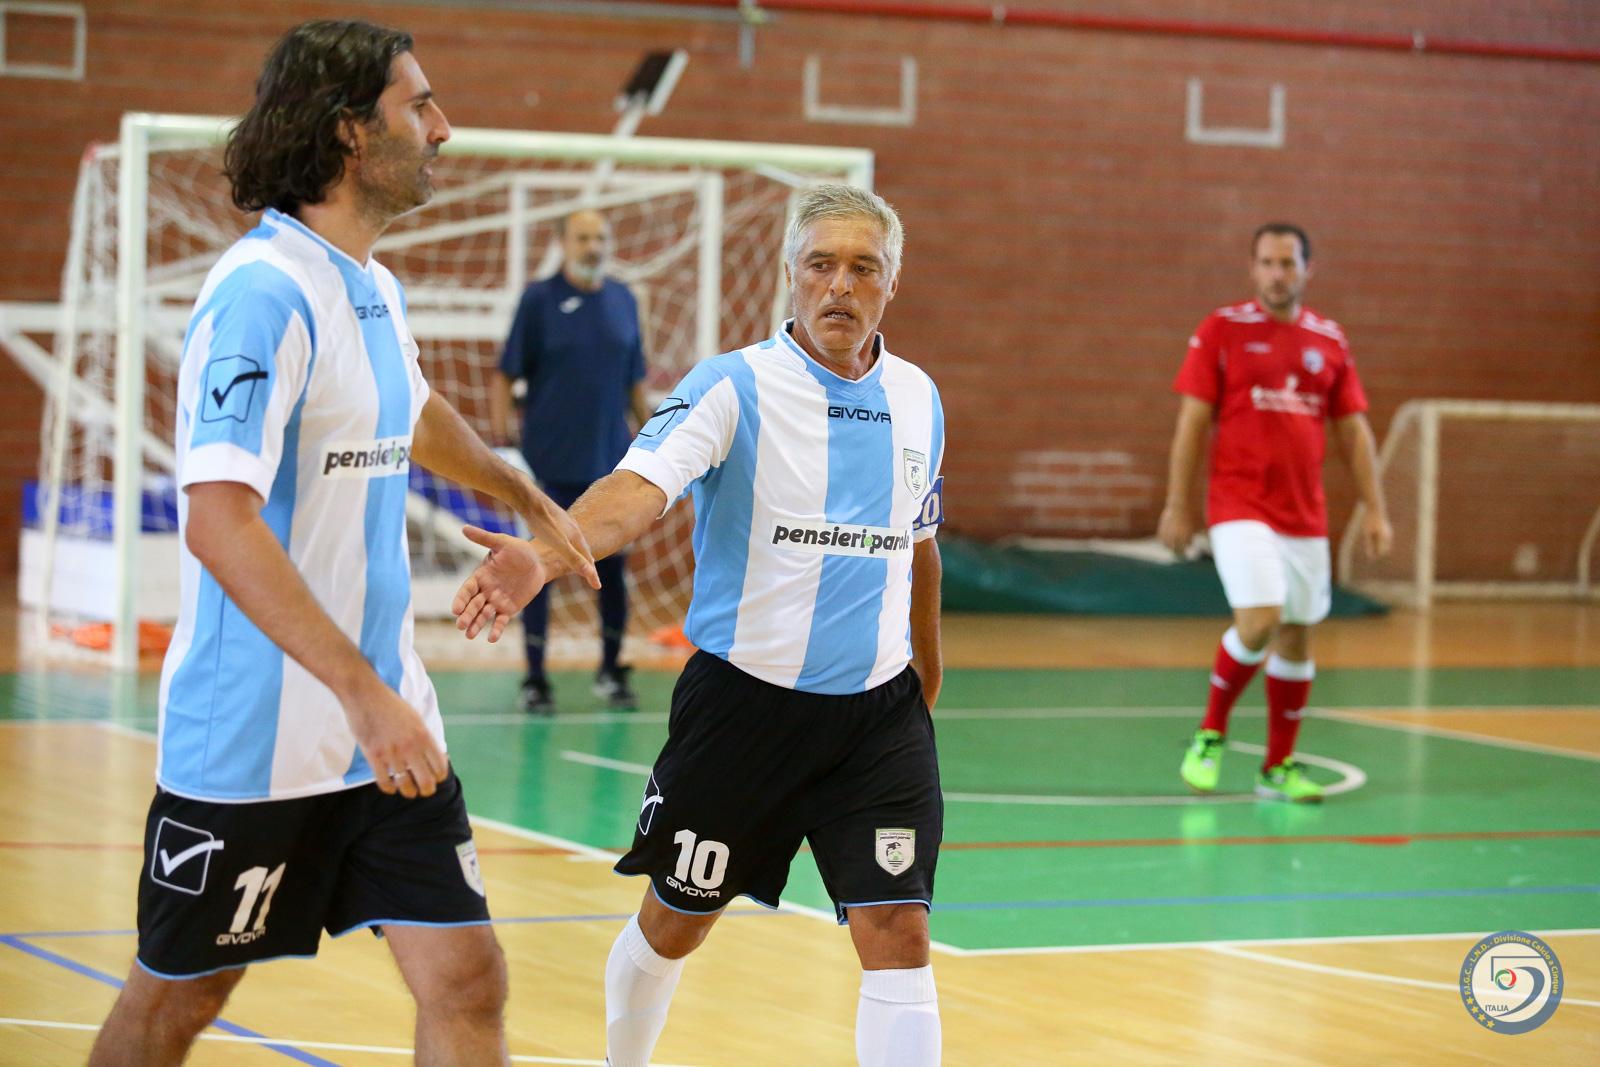 campionato-italiano-futsal-over-40-stasera-al-palacarucci-le-finali-interregionali